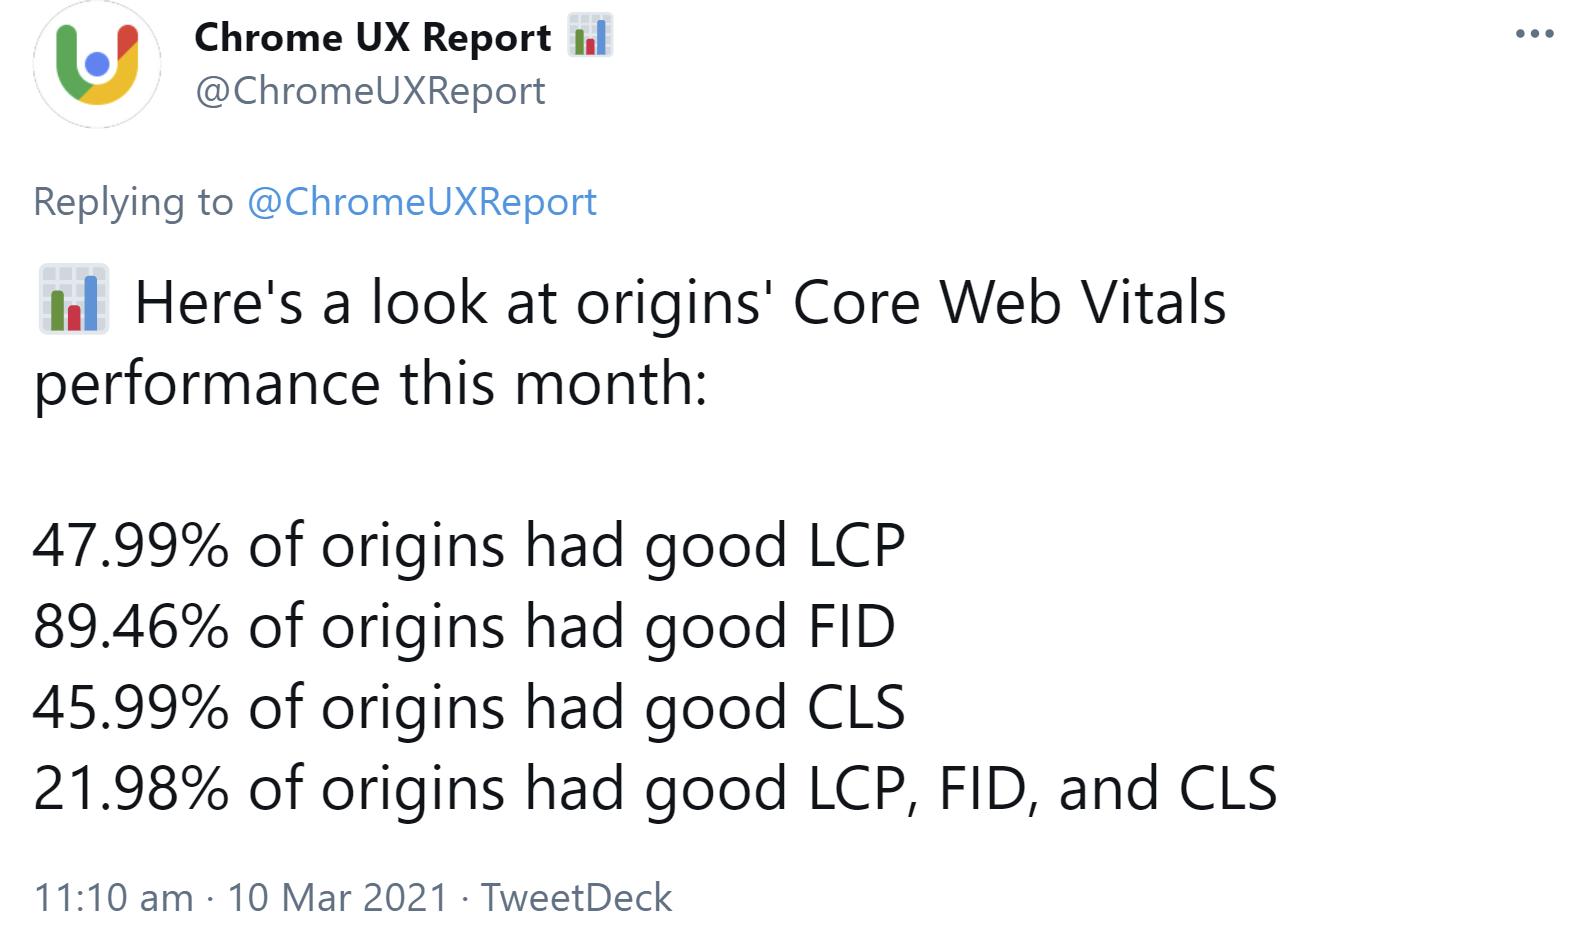 Das Bild zeigt eine Veröffentlichung von Chrome UX Report. Hier werden aktuelle Zahlen zum Core Web Vital-Stand von Websites gezeigt. Dabei haben knapp 48 % einen guten LCP-Score, beinahe 90 % einen guten FID-Wert und ungefähr 46 % einen guten CLS-Score. Gute Werte in allen drei Metriken haben dagegen nur knapp 22 % aller Domains.